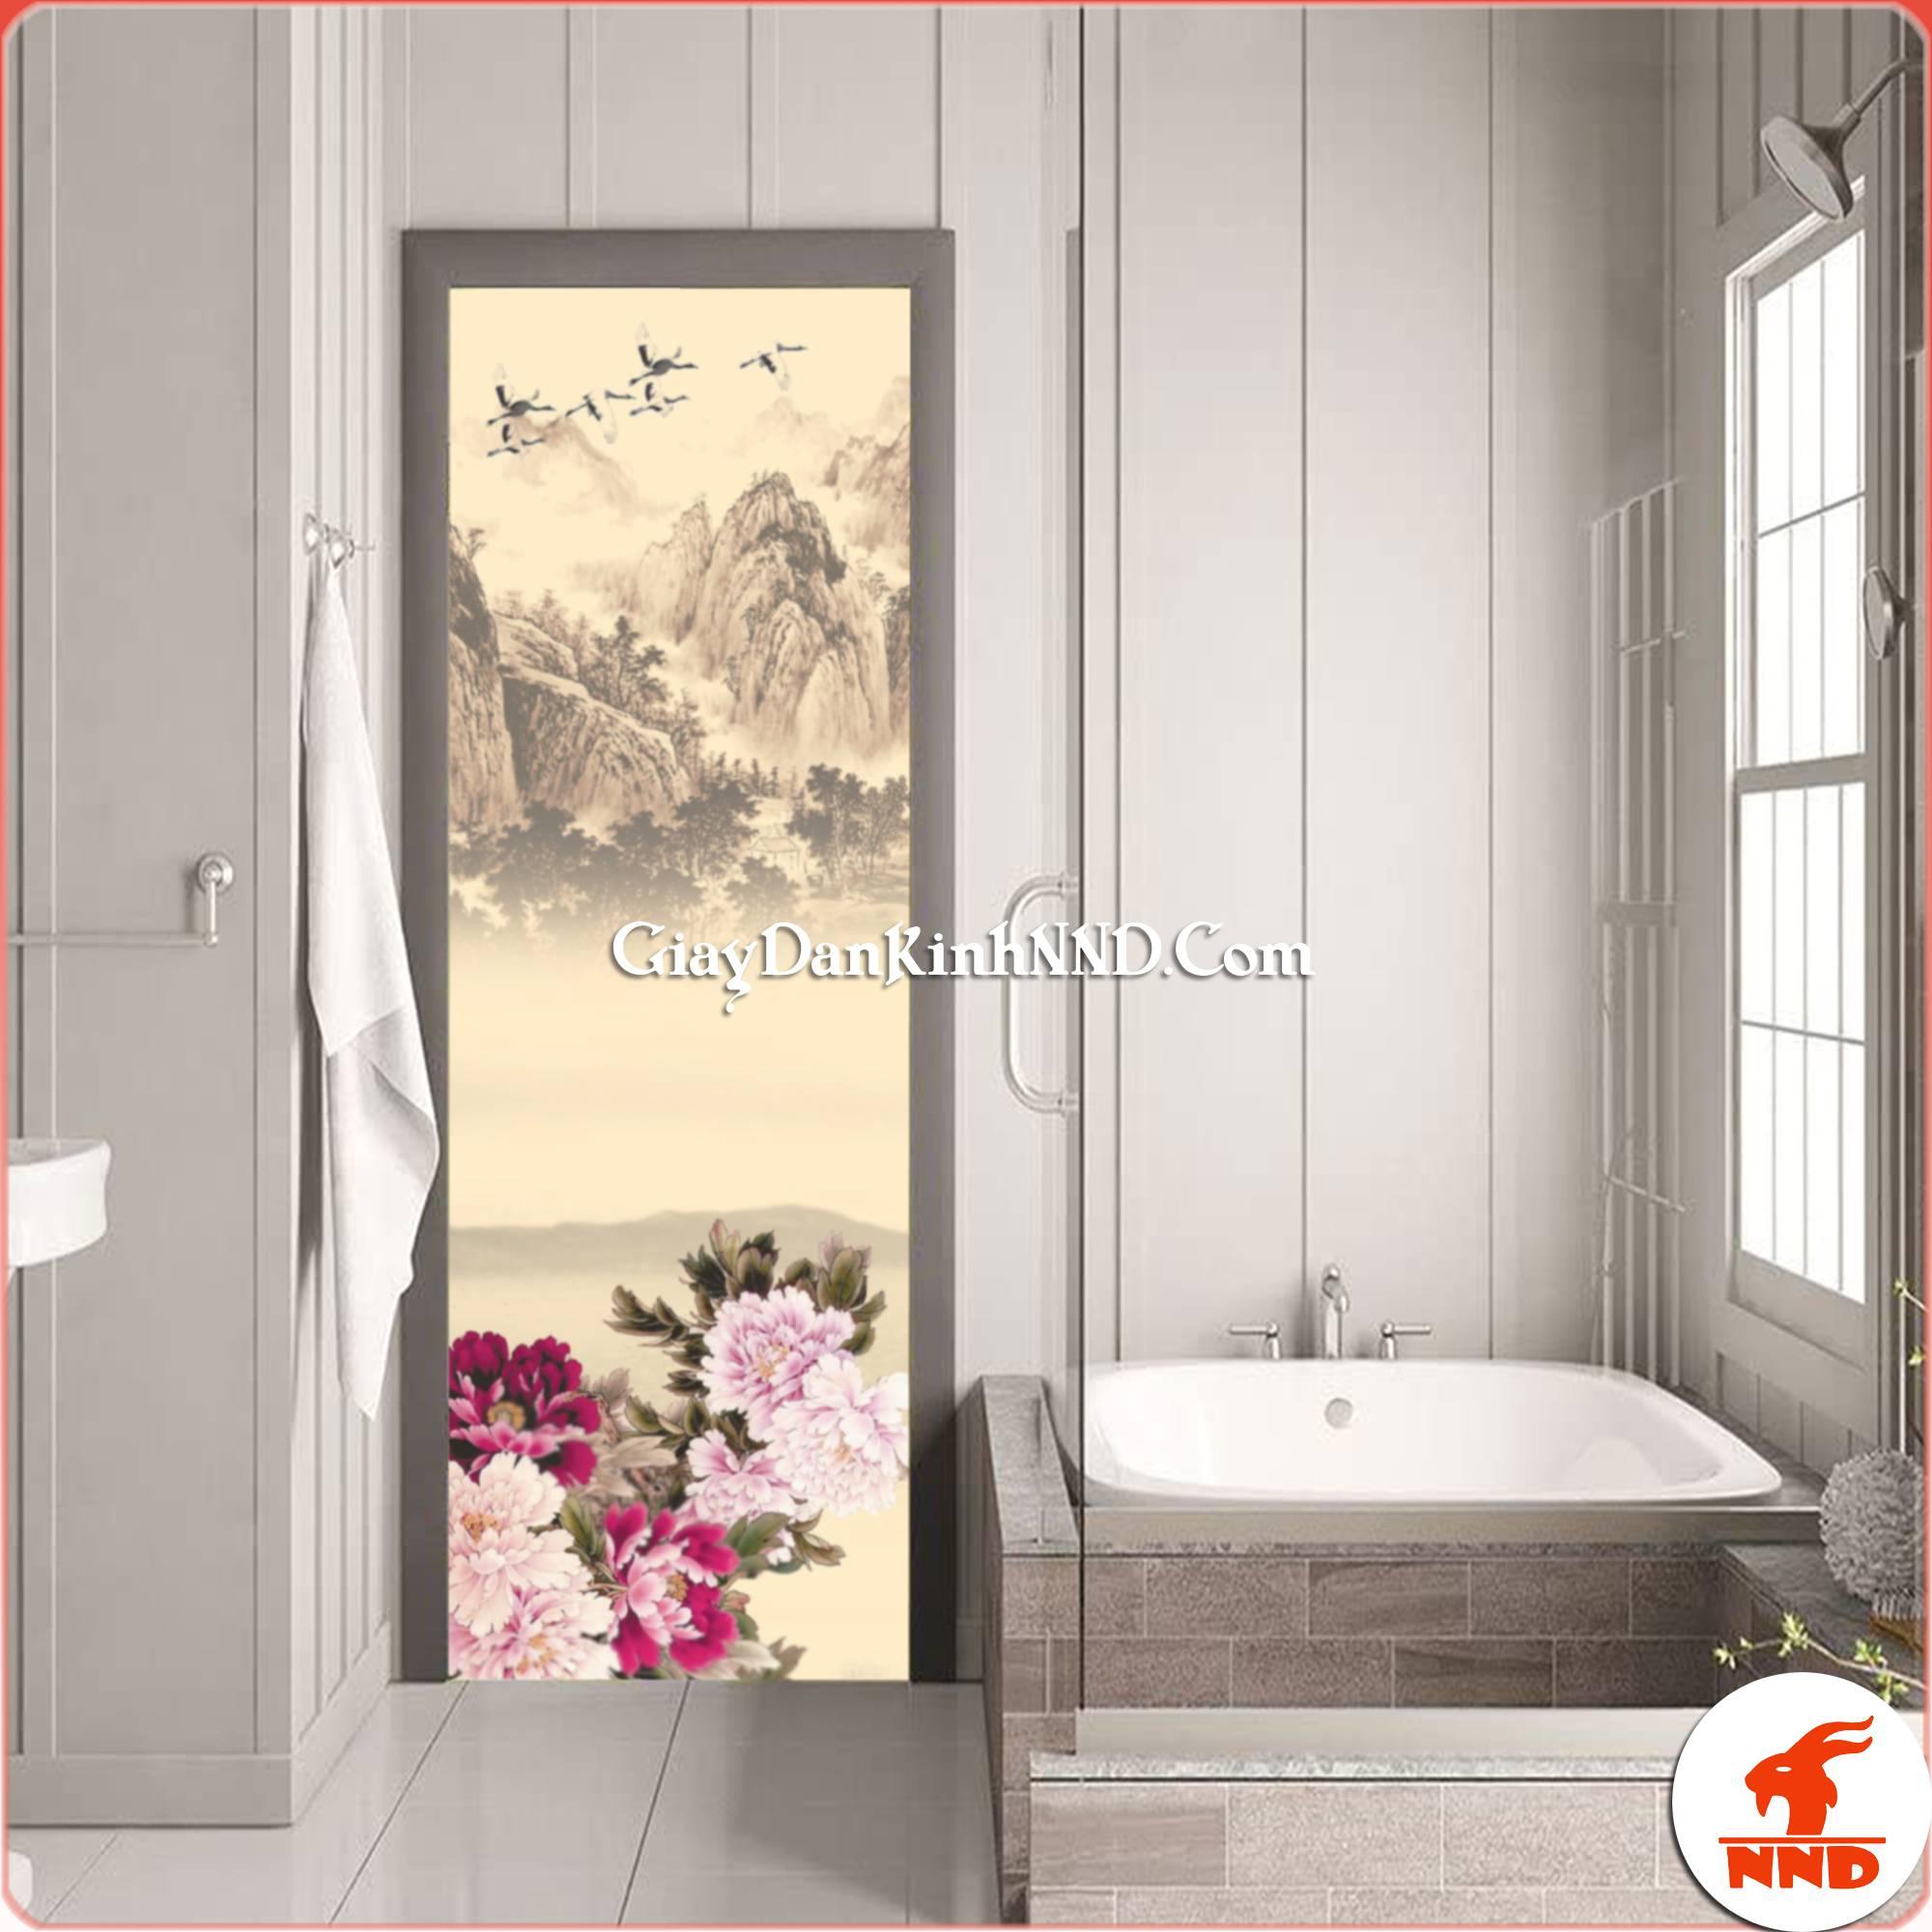 Tuy nhiên việc thi công tranh dán kính cho phòng tắm thường có giá thành cao. Do chi phí thiết kế và in ấn. Nên các bạn cần cân nhắc.